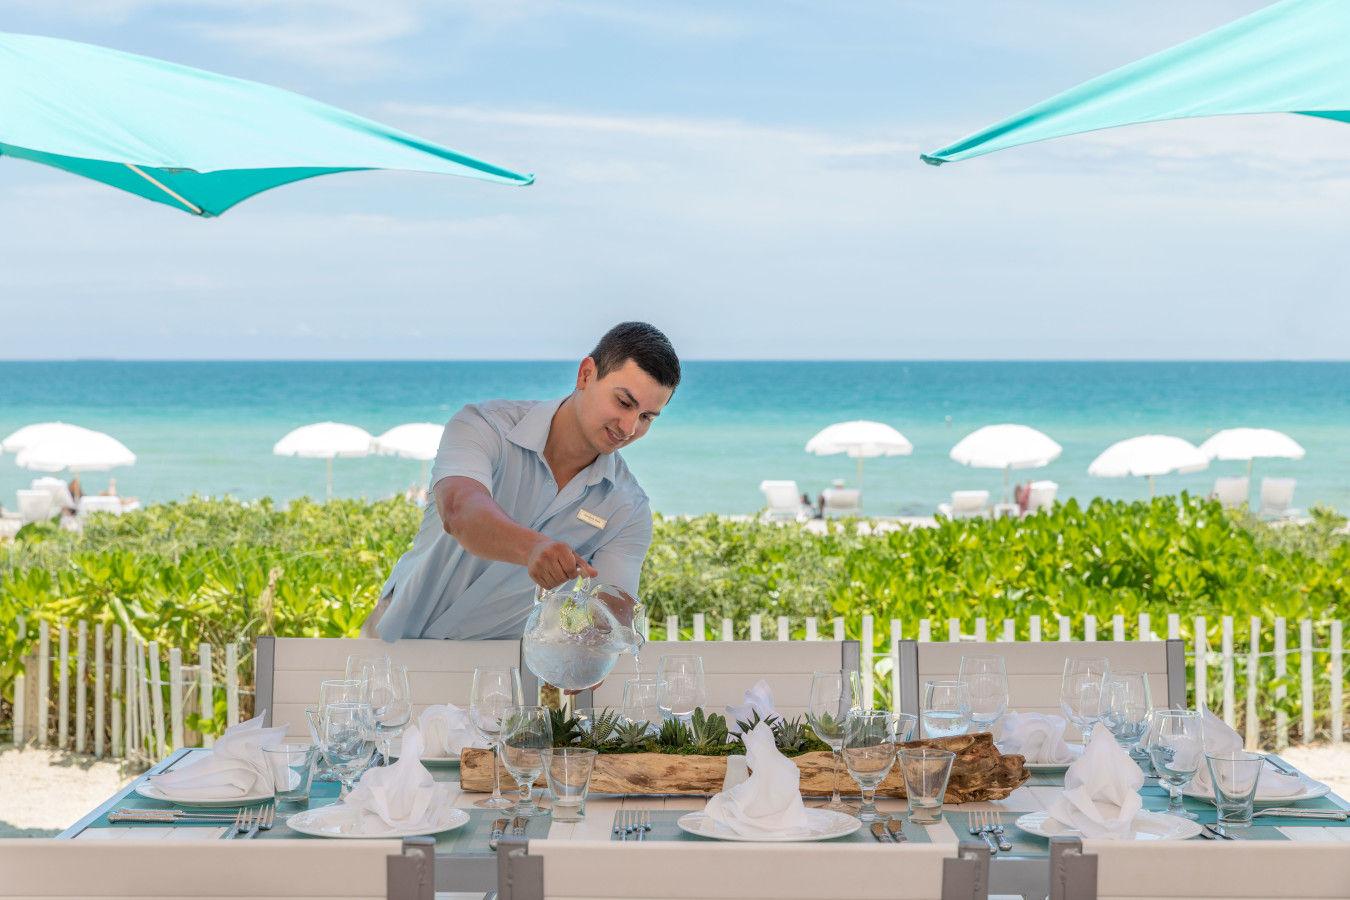 Gili's Beach Club - Dine on the sand